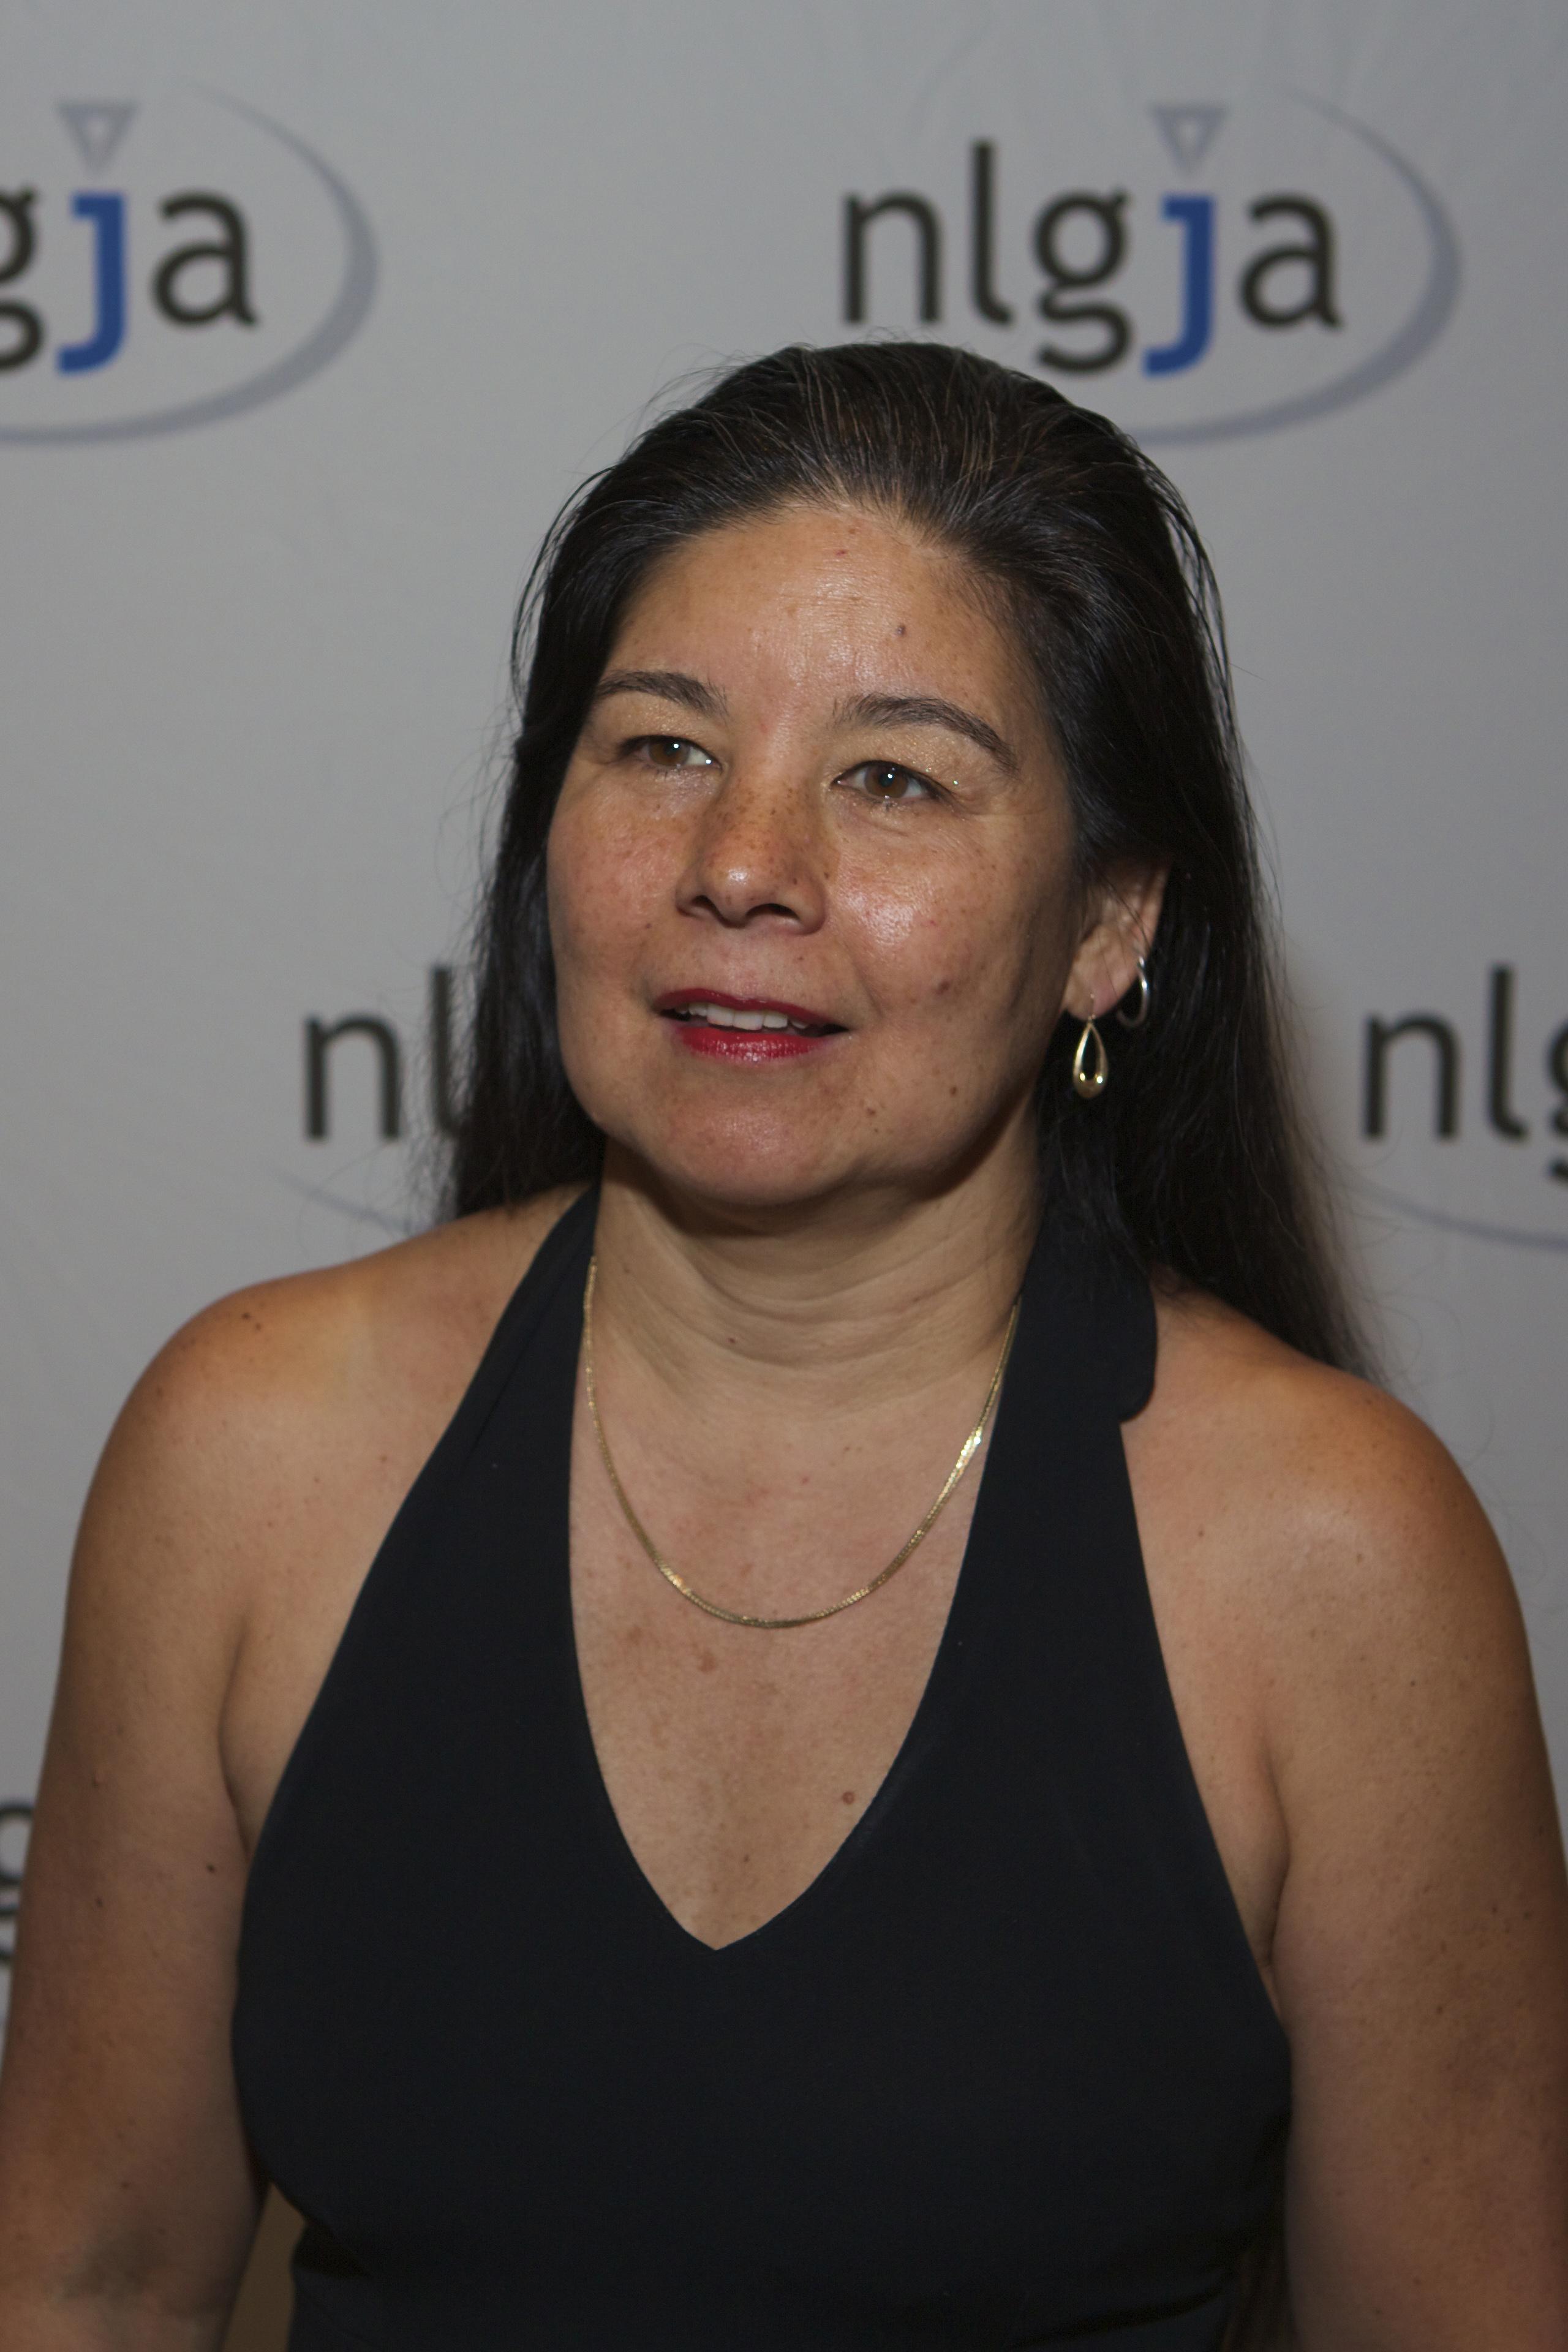 Maya Blackmun